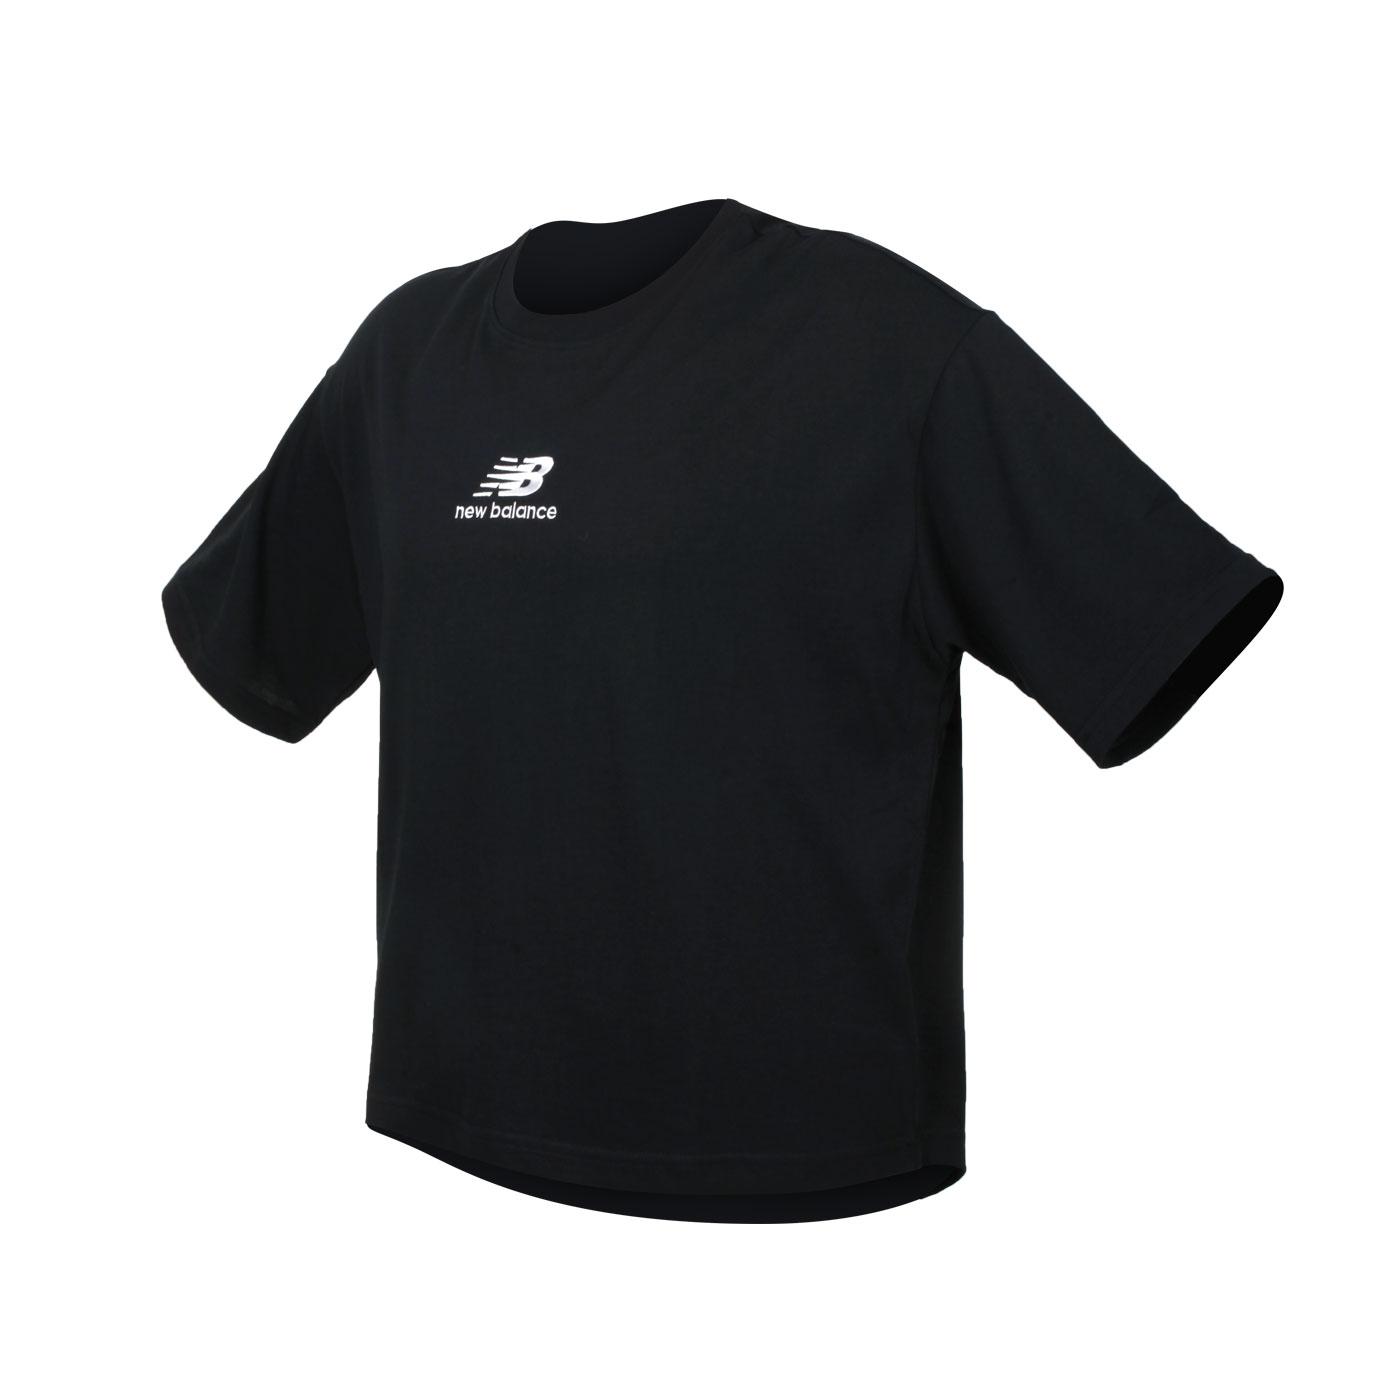 NEW BALANCE 女款前短後長短袖T恤 AWT11540BK - 黑白